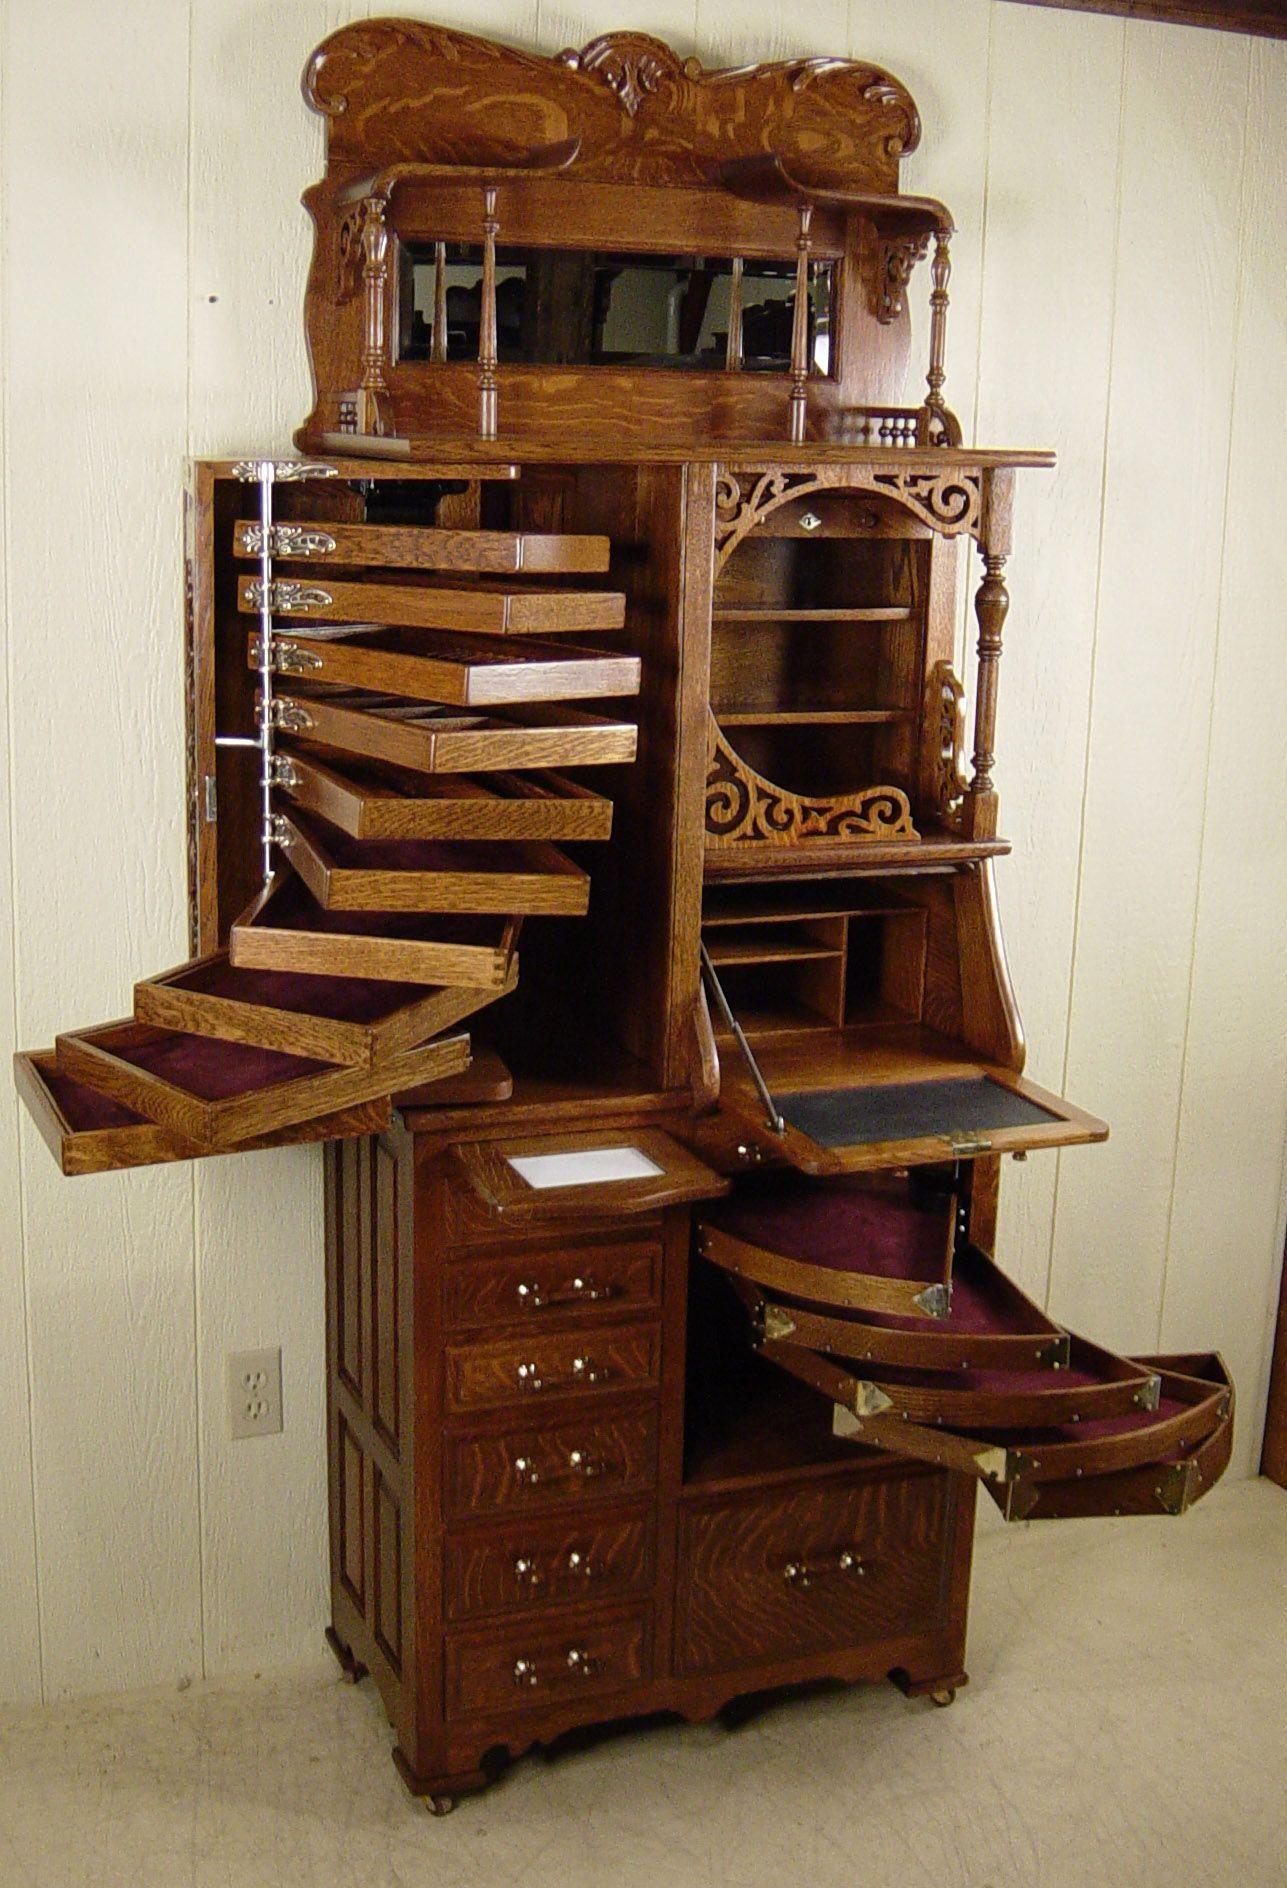 Antique Desks For Sale Near Me Old Farnichar Shop Refurbished Antique Furniture 20190413 Dental Cabinet Cool Furniture Unique Furniture